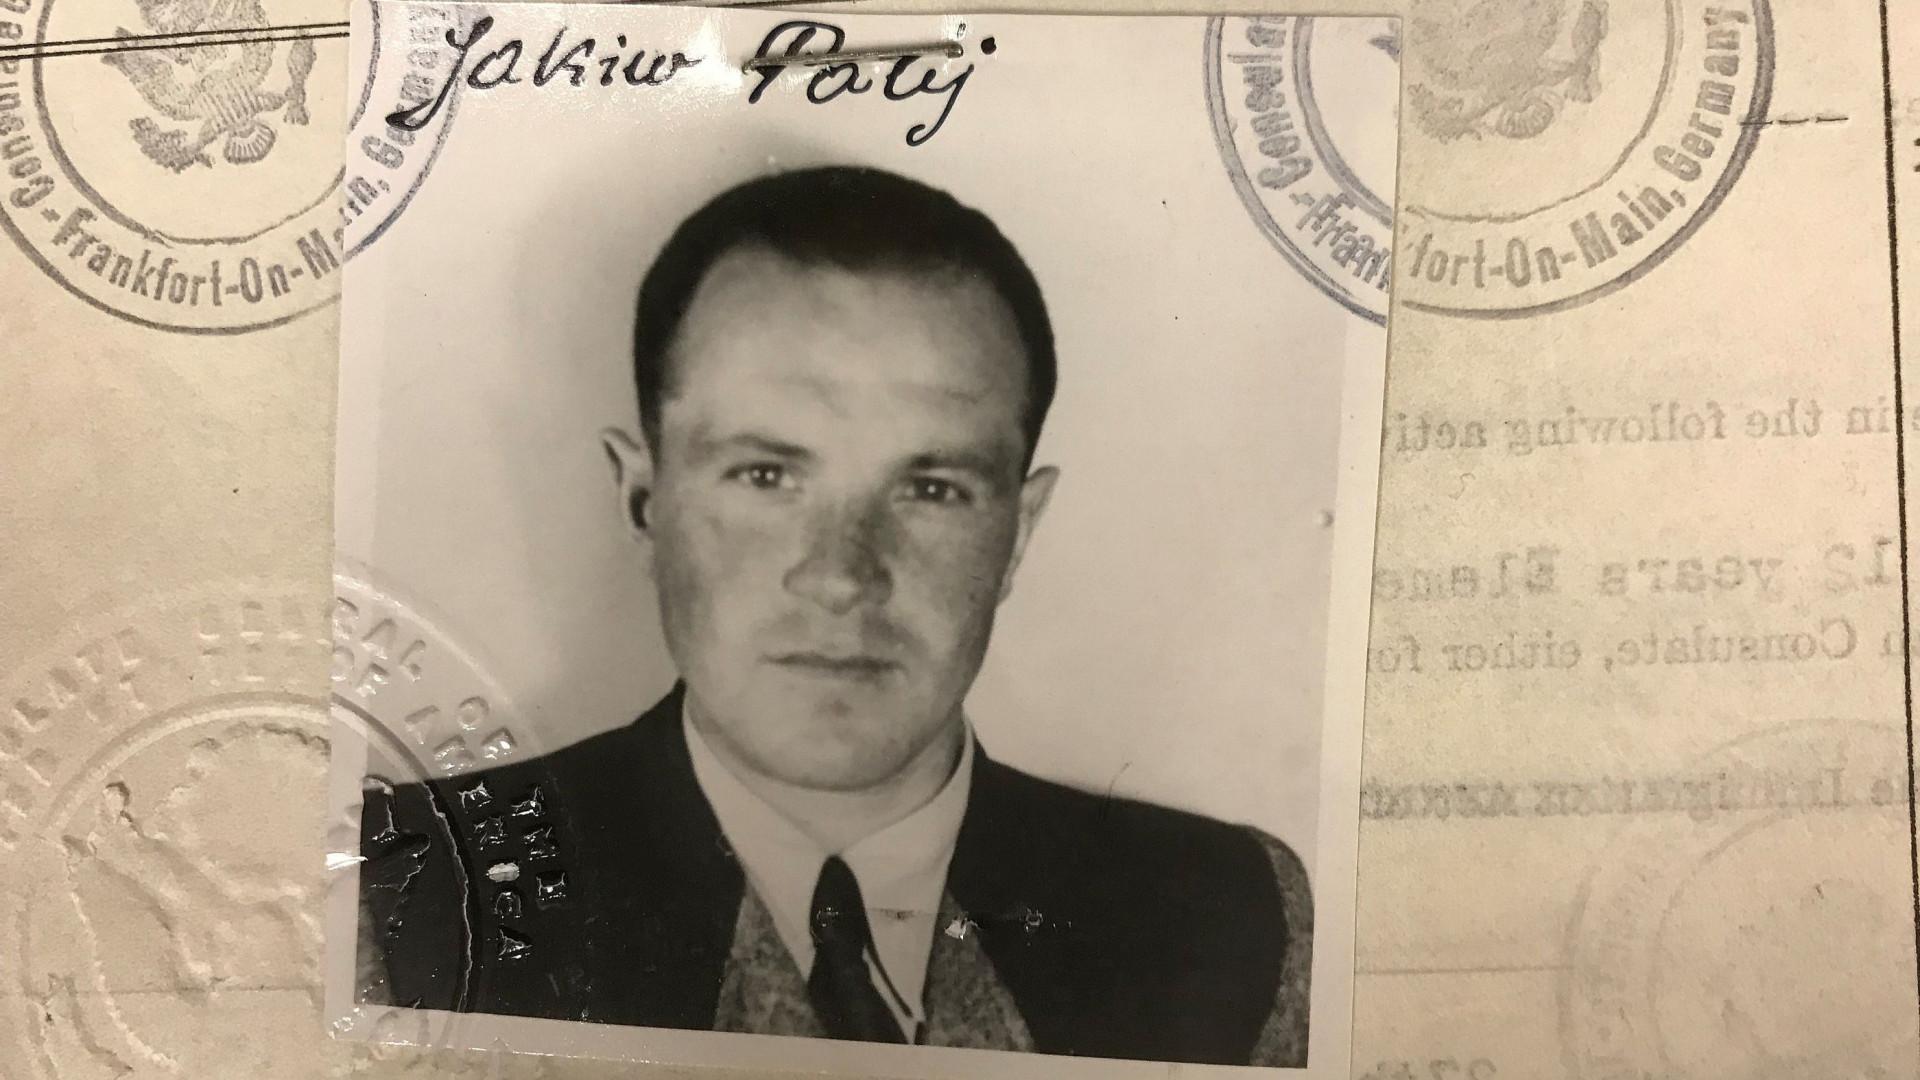 Morre na Alemanha ex-guarda nazista extraditado dos EUA